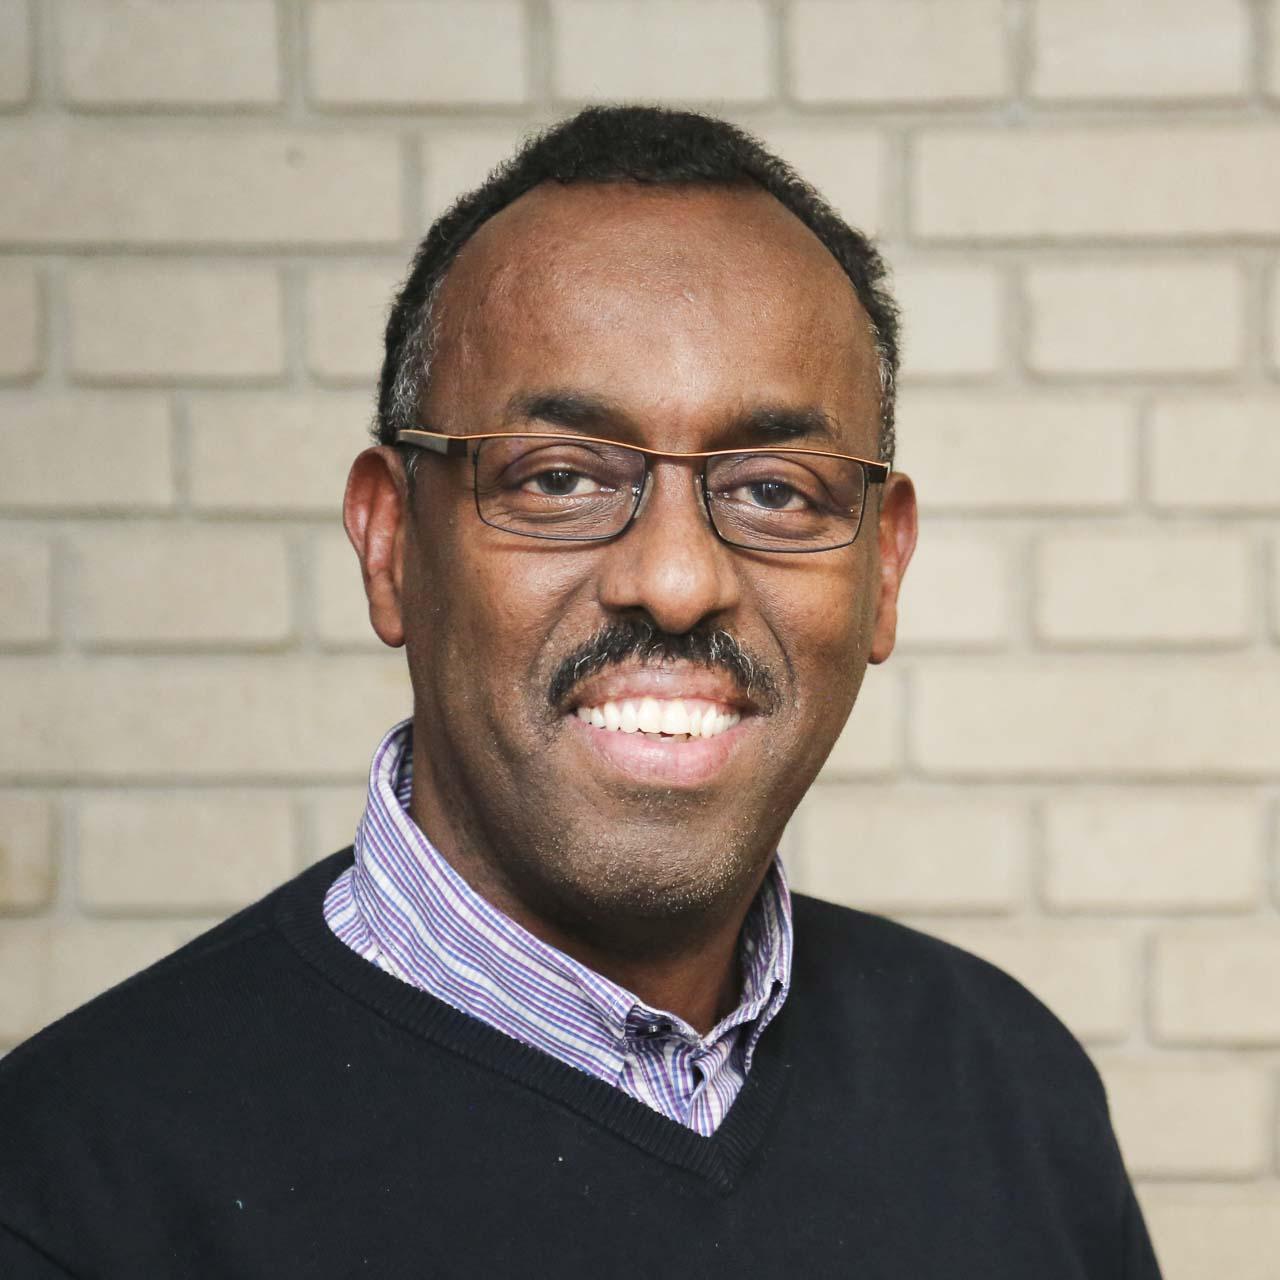 Abdi-Rahman Mahmud Iidle